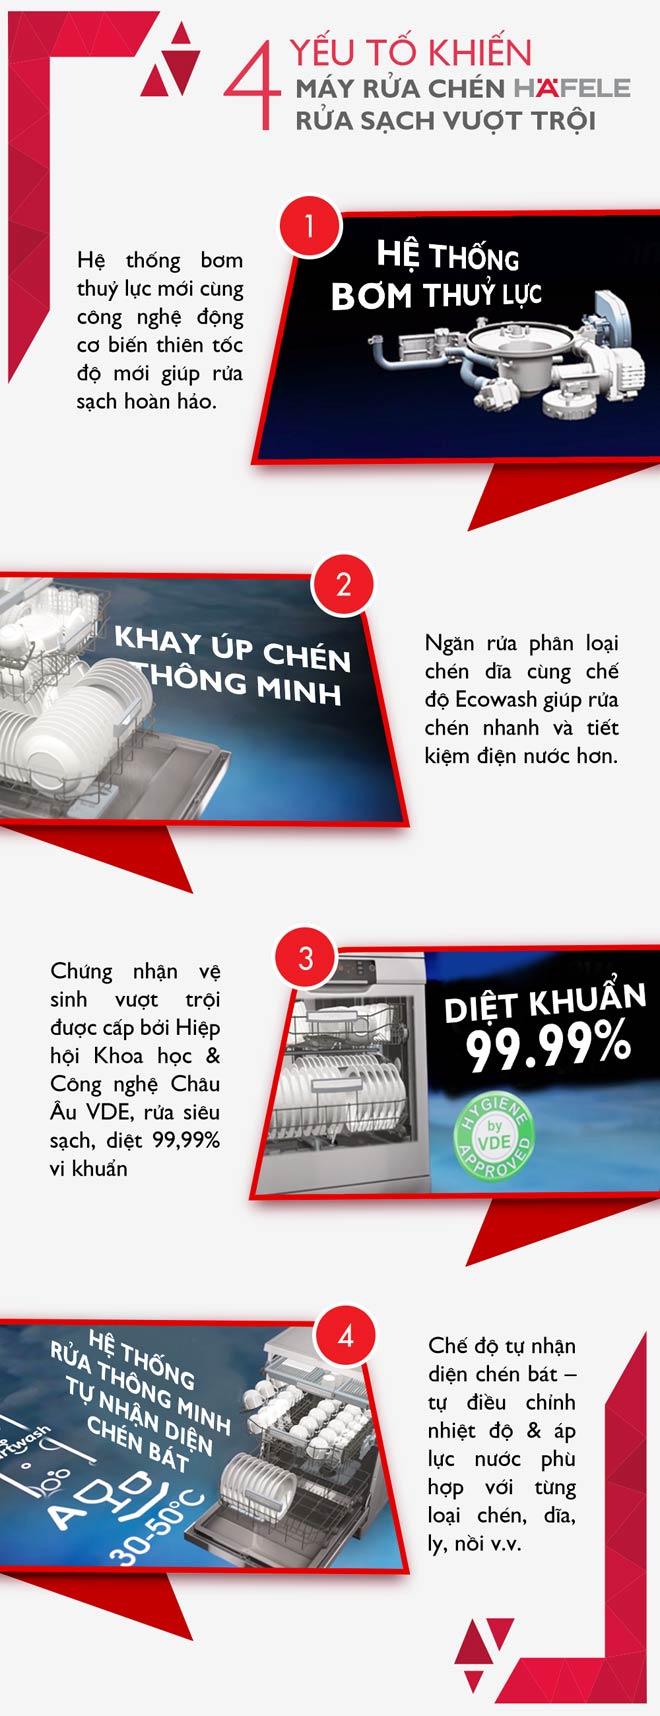 Những lưu ý khi cân nhắc mua máy rửa chén - 3